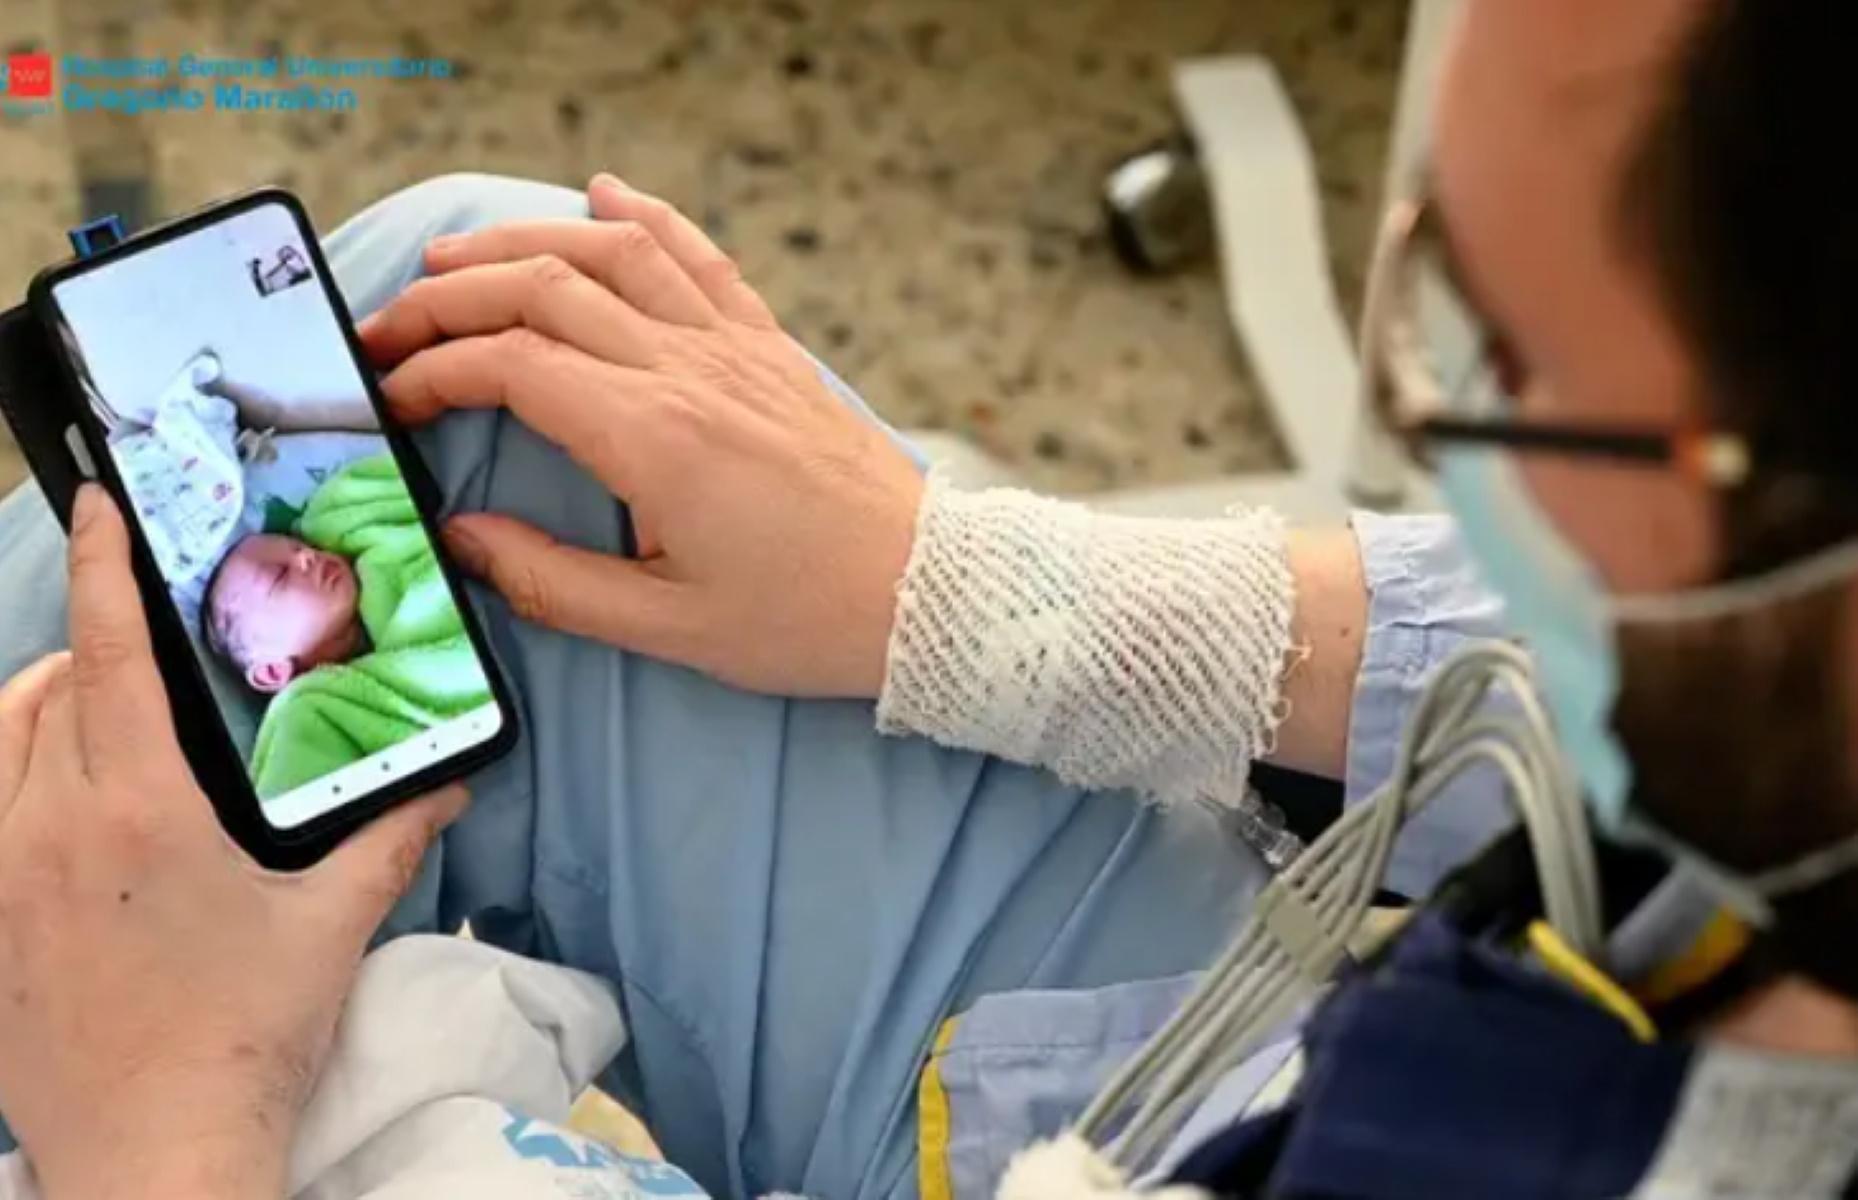 Συγκινητικές στιγμές σε νοσοκομείο της Μαδρίτης: Έκανε μεταμόσχευση καρδιάς την ώρα που γινόταν πατέρας (video)